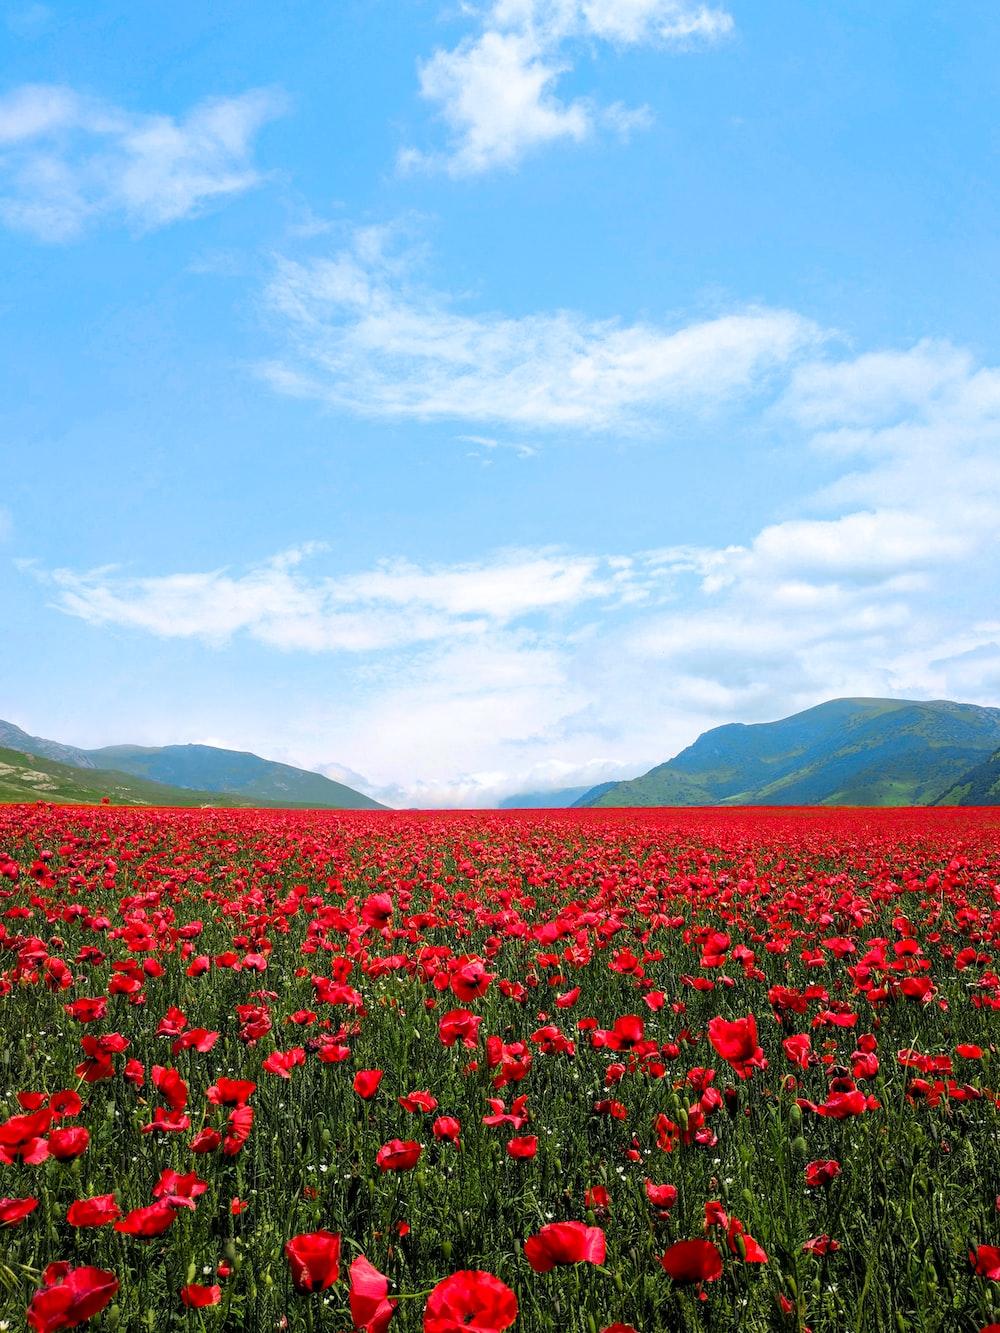 red flower field